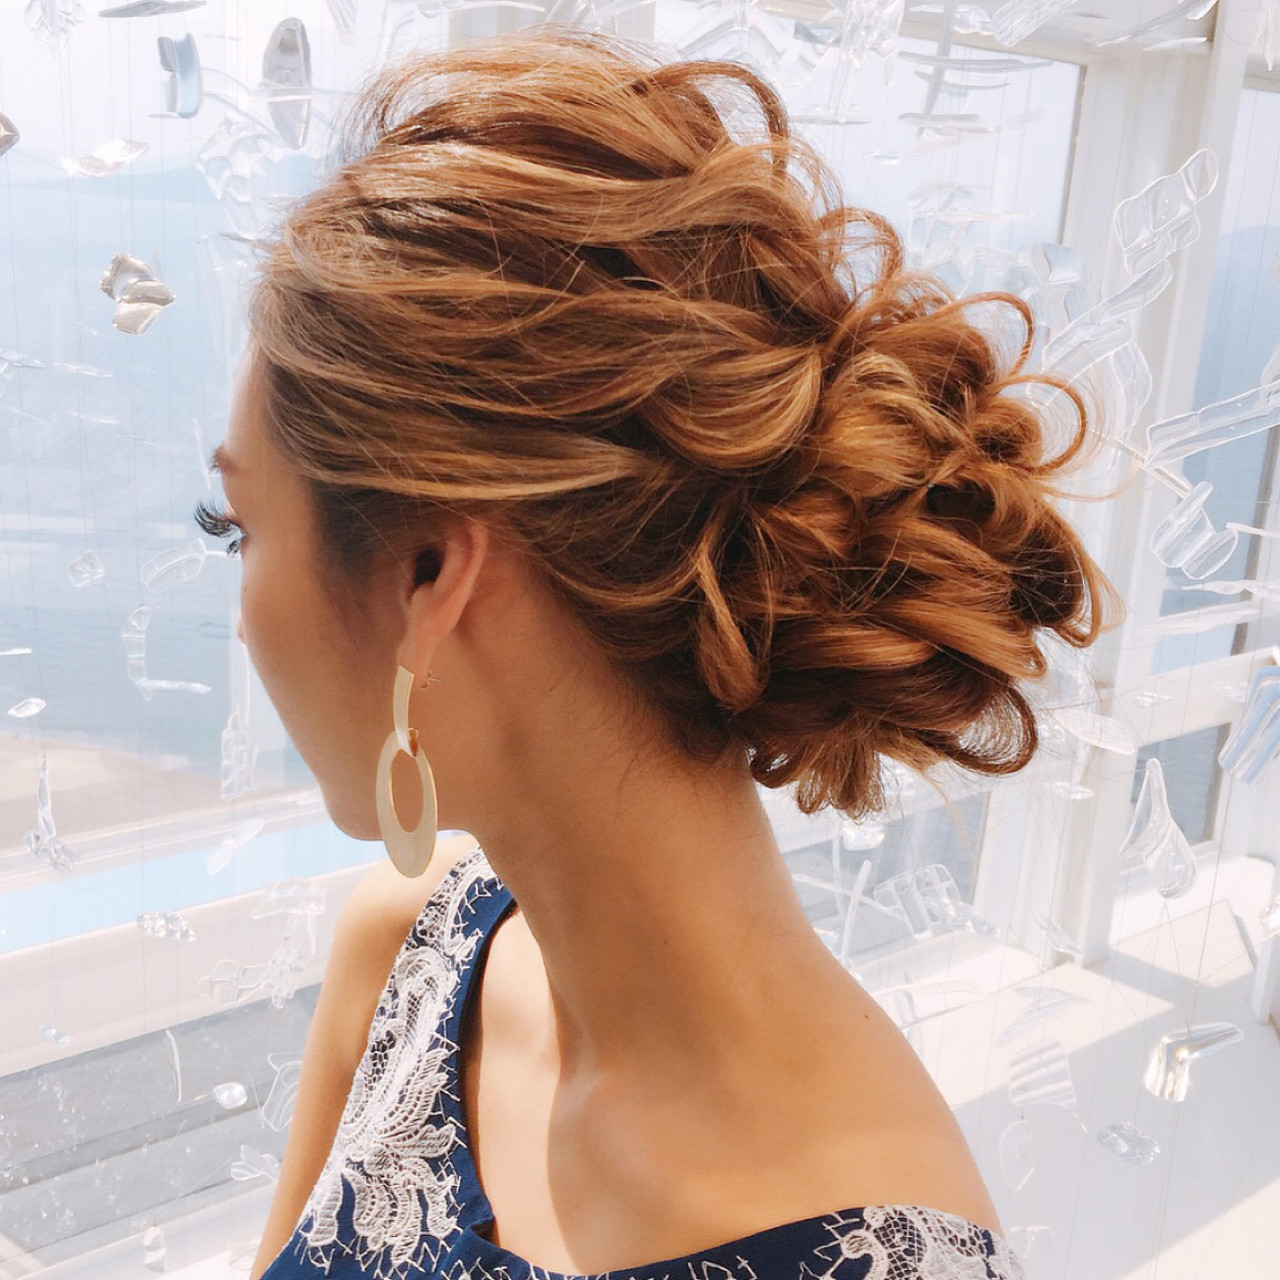 ねじり 結婚式 上品 編み込み ヘアスタイルや髪型の写真・画像